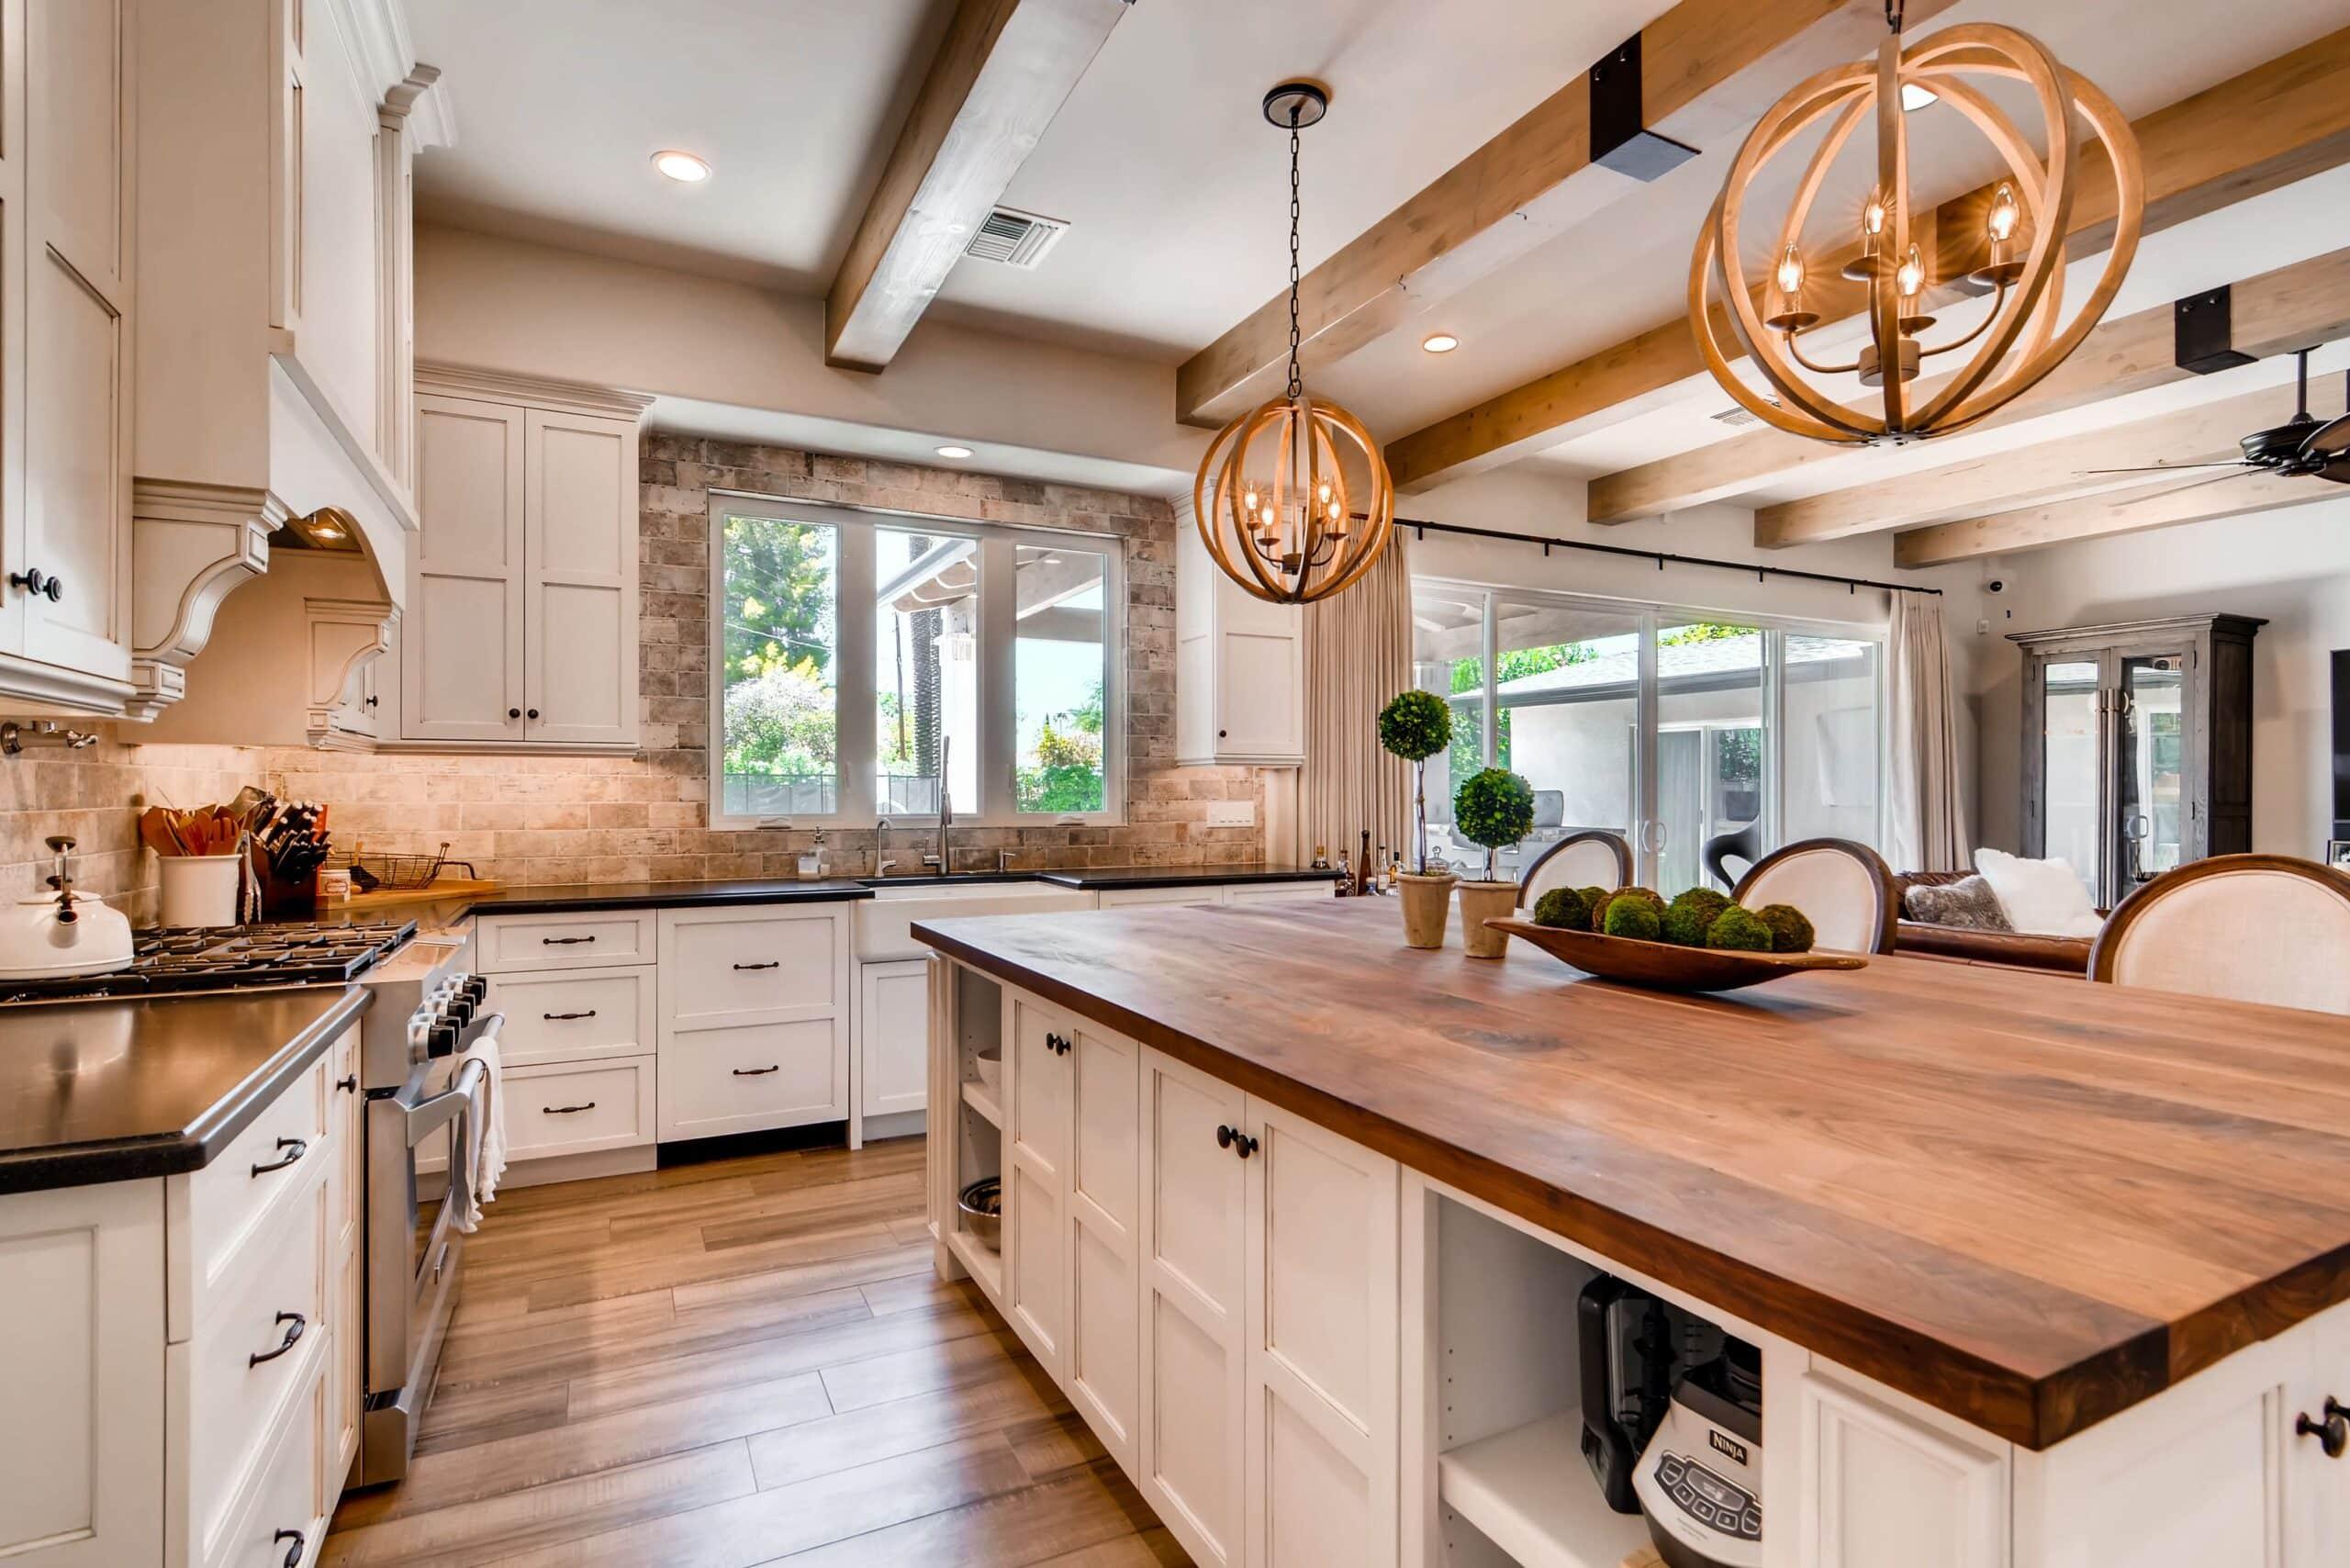 40 Contoh Desain Dapur Yang Bagus Mewah Dan Simpel